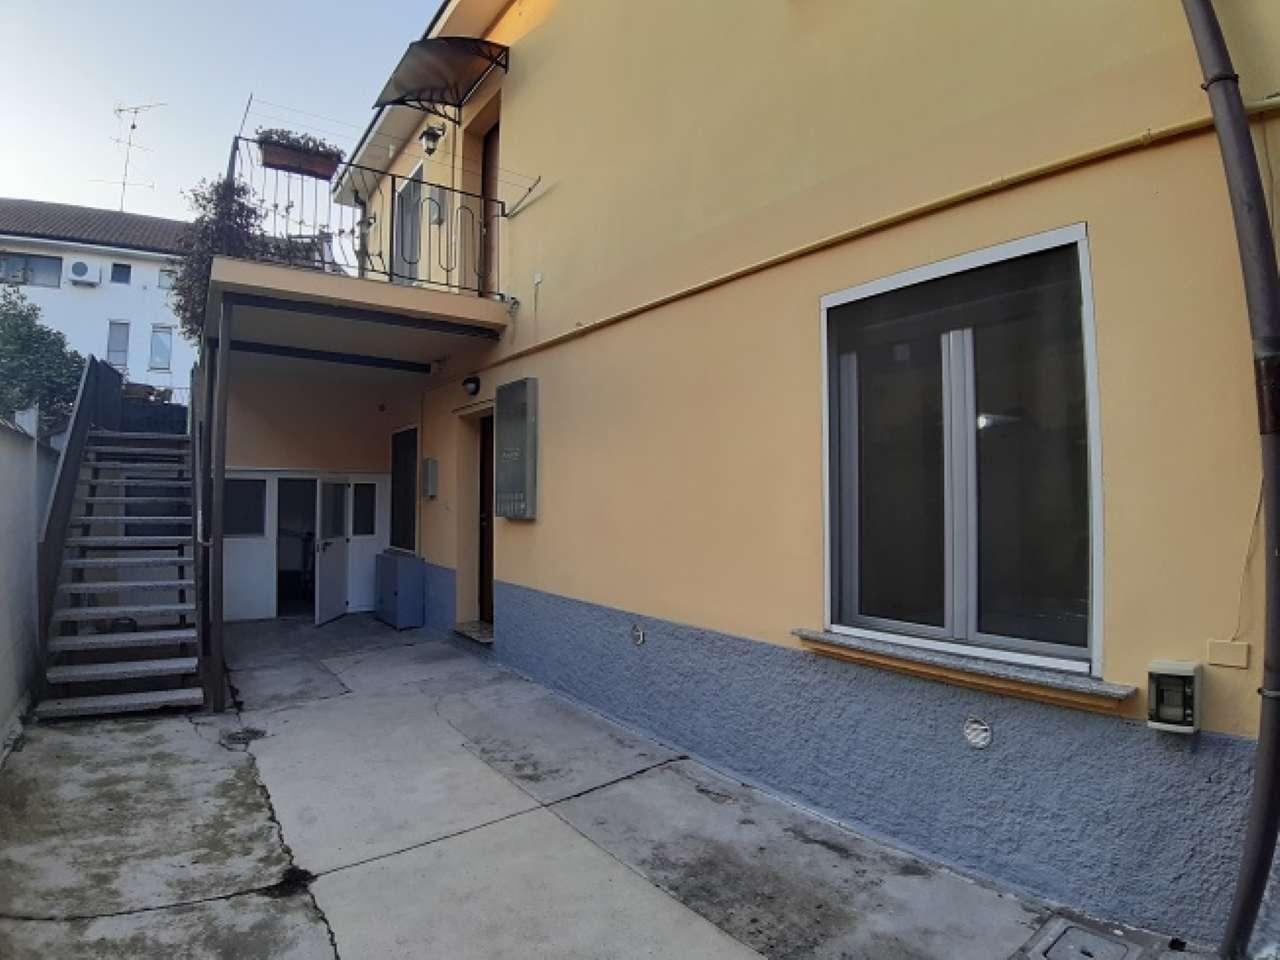 Appartamento in vendita a Bollate, 2 locali, prezzo € 95.000 | PortaleAgenzieImmobiliari.it